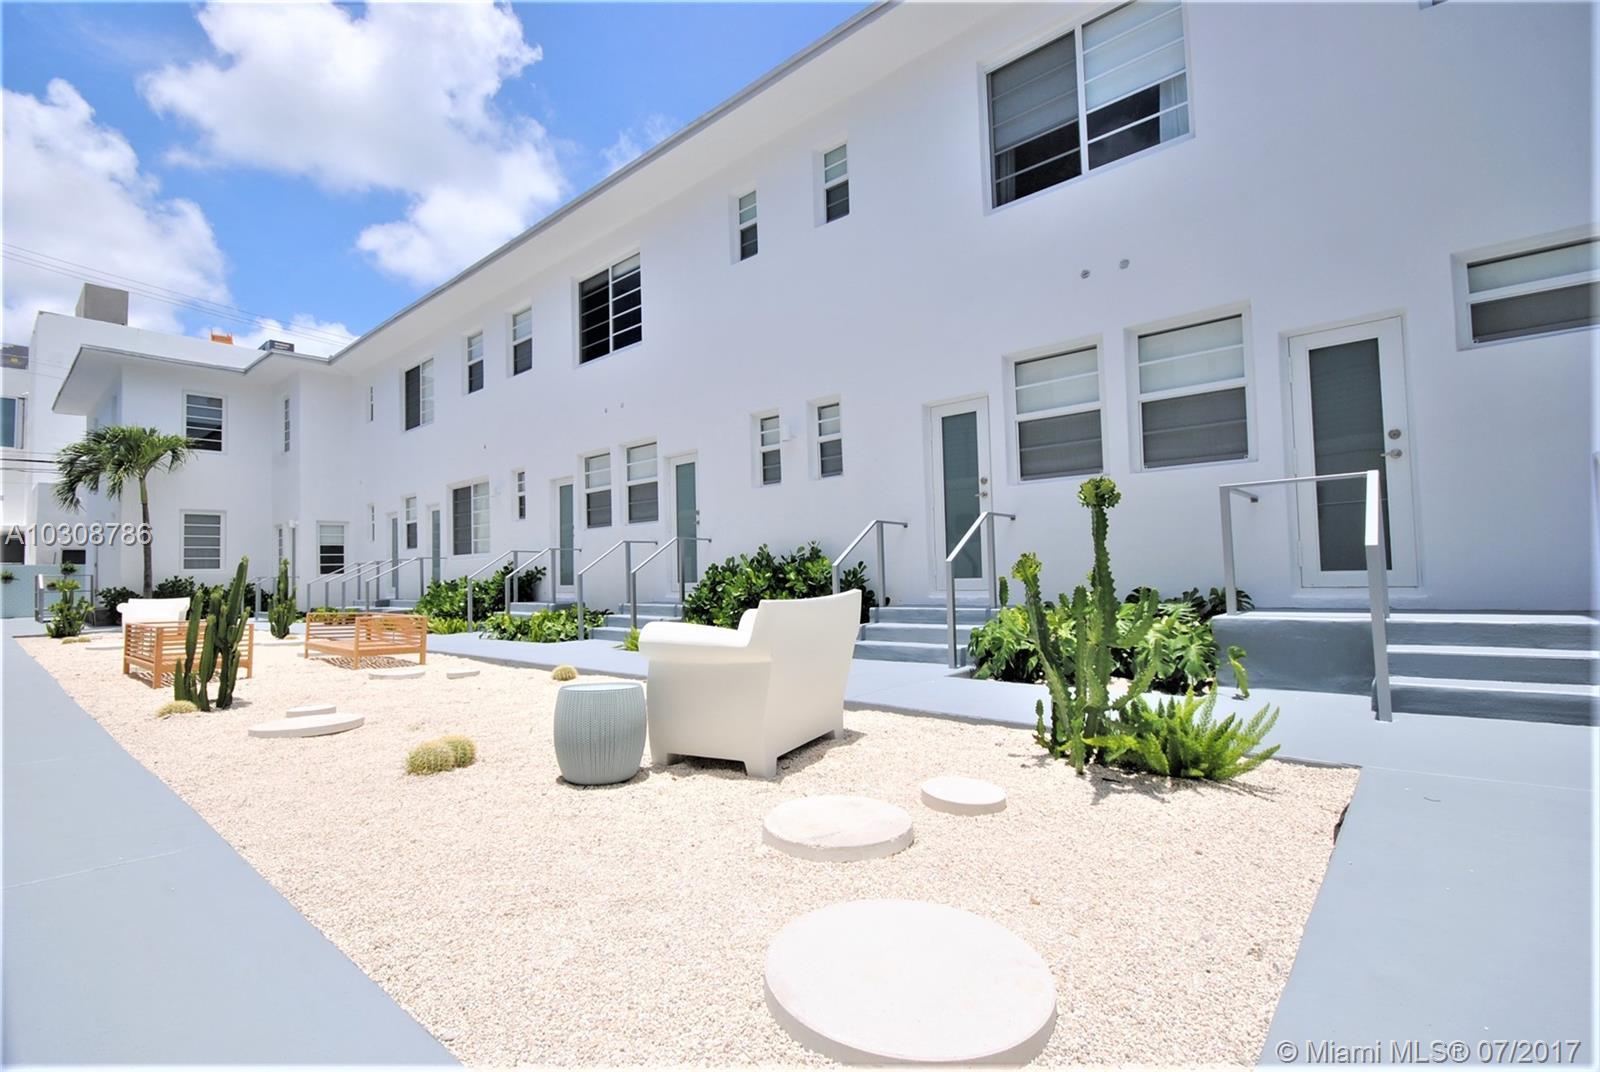 1100 10th St # 16, Miami Beach, FL 33139